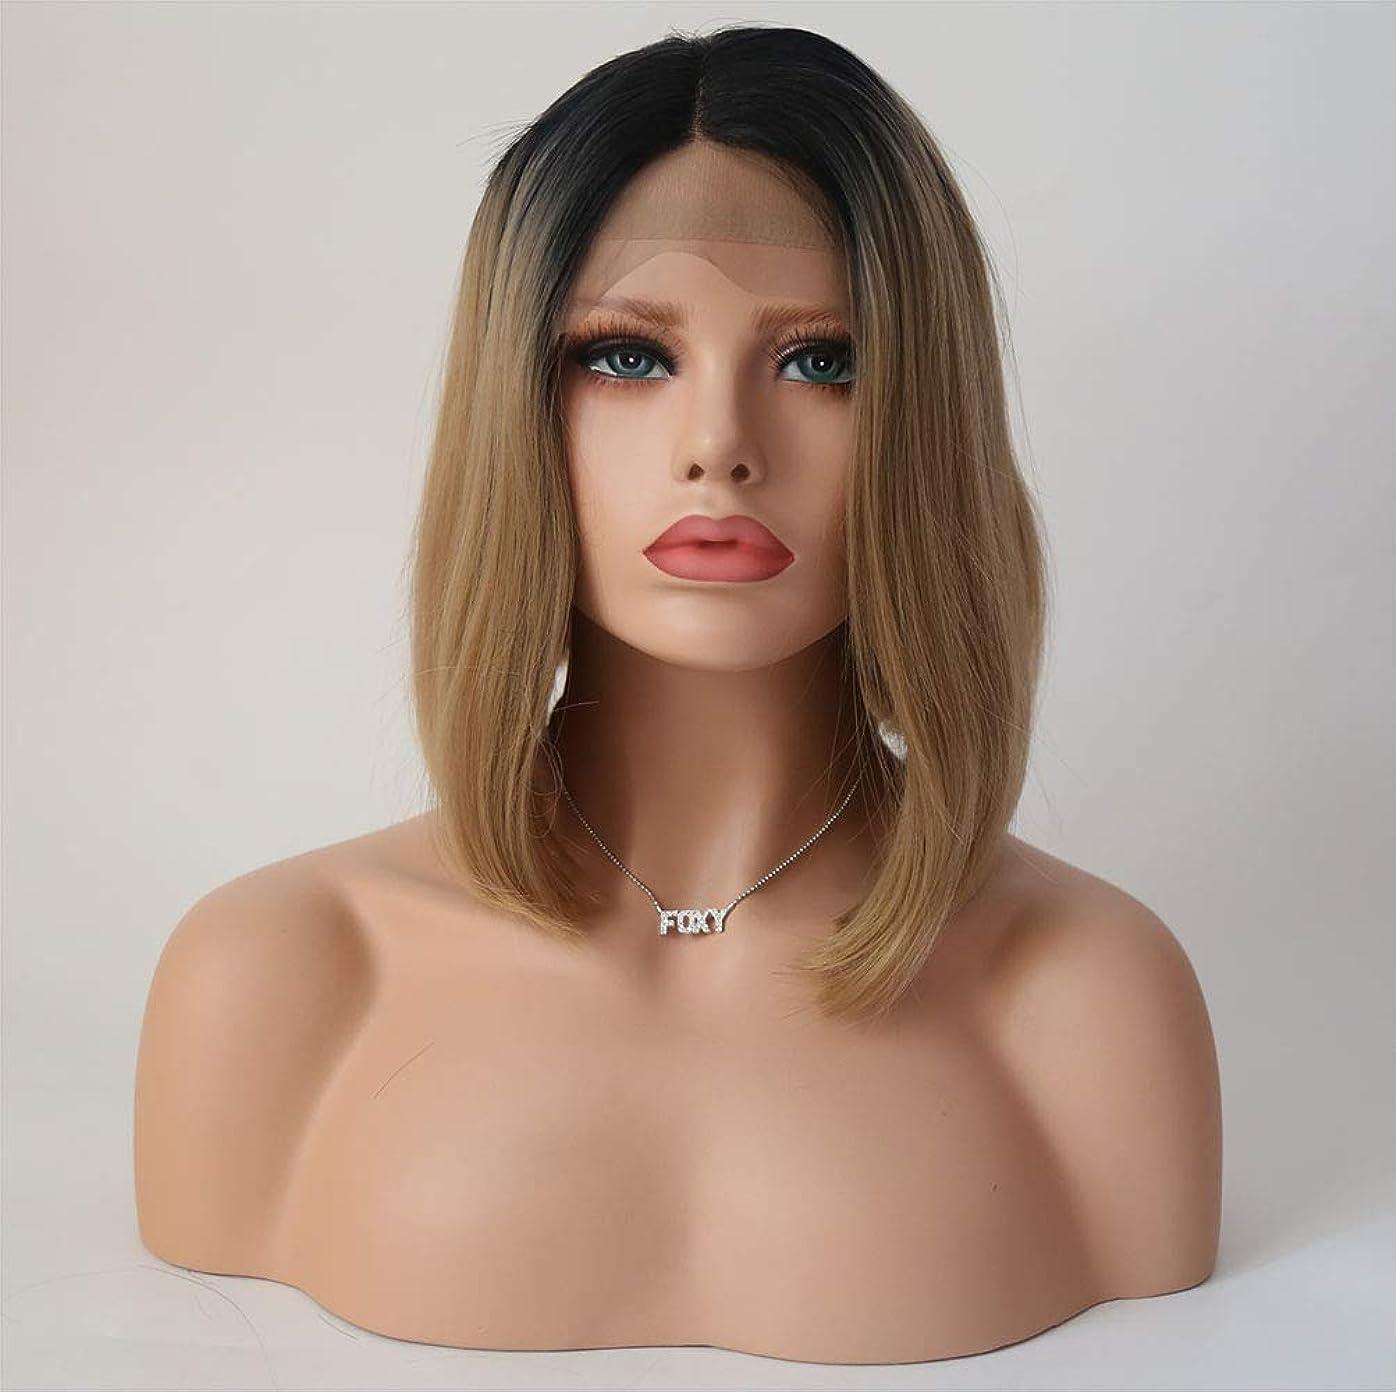 整理する相対性理論横に女性の自然の短い髪ストレートウィッグ人工毛ウィッグ30cmウィッグ